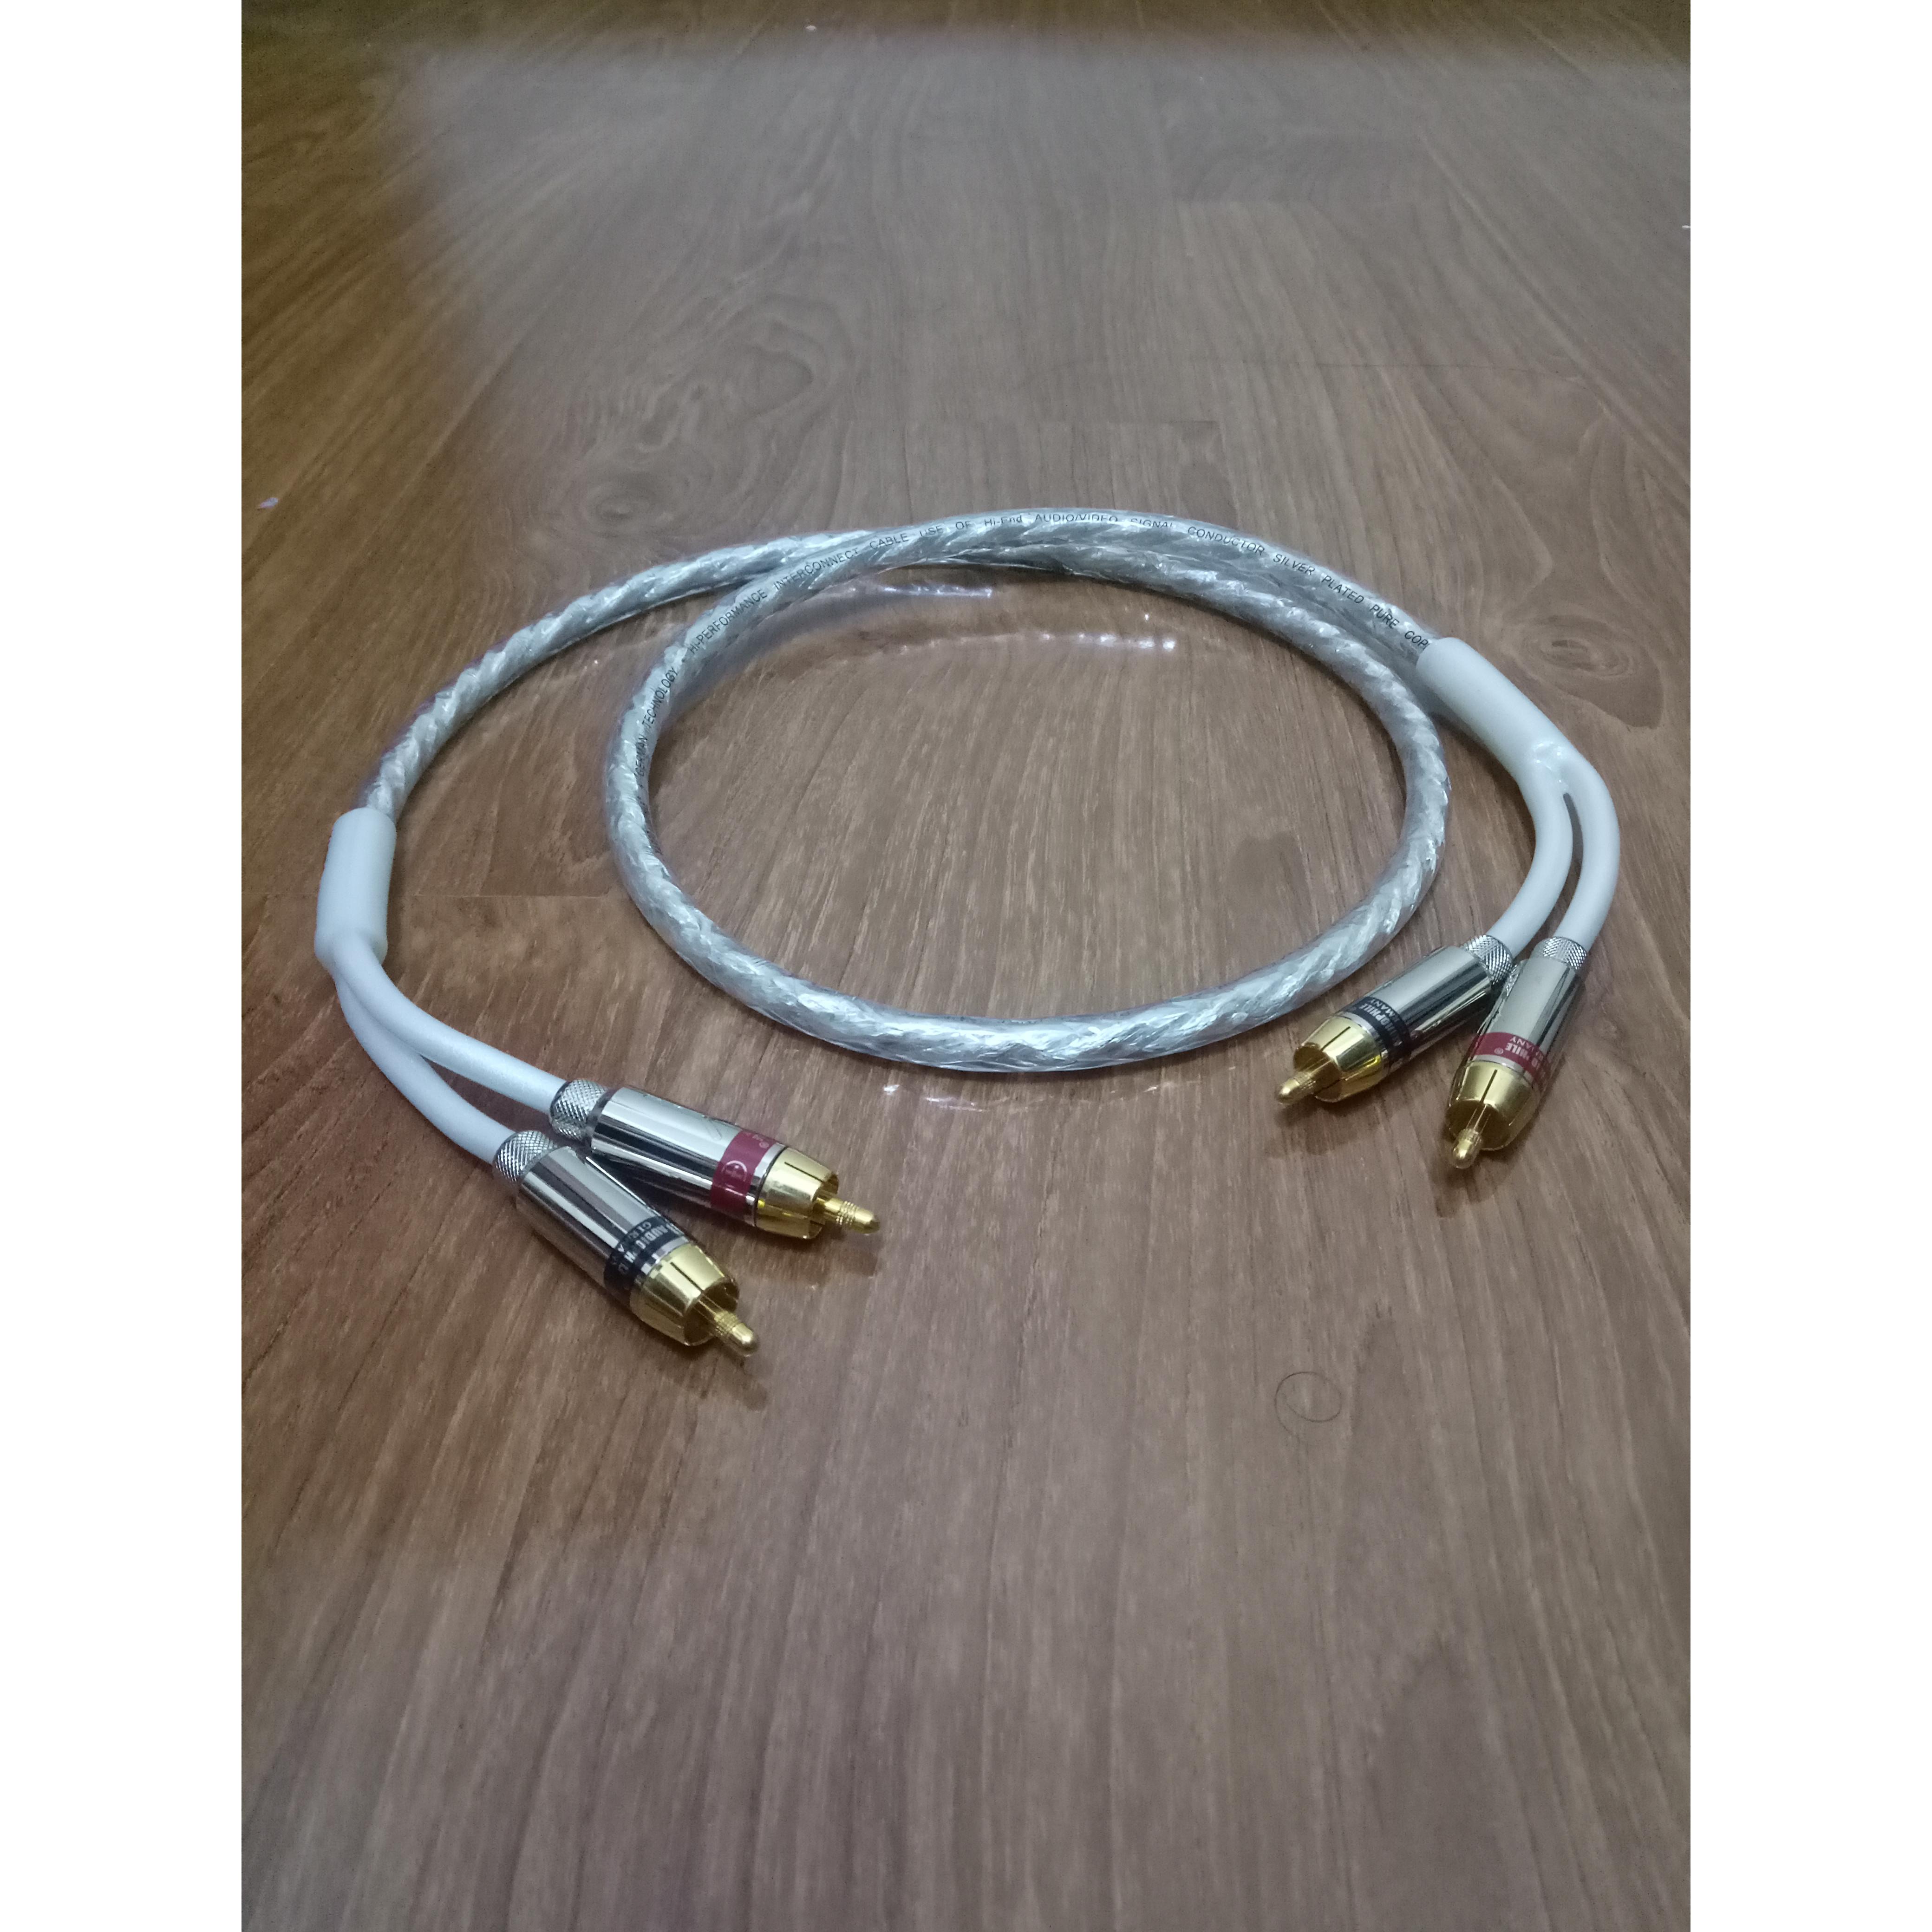 Bộ dây AV Yarbo dài 1 mét